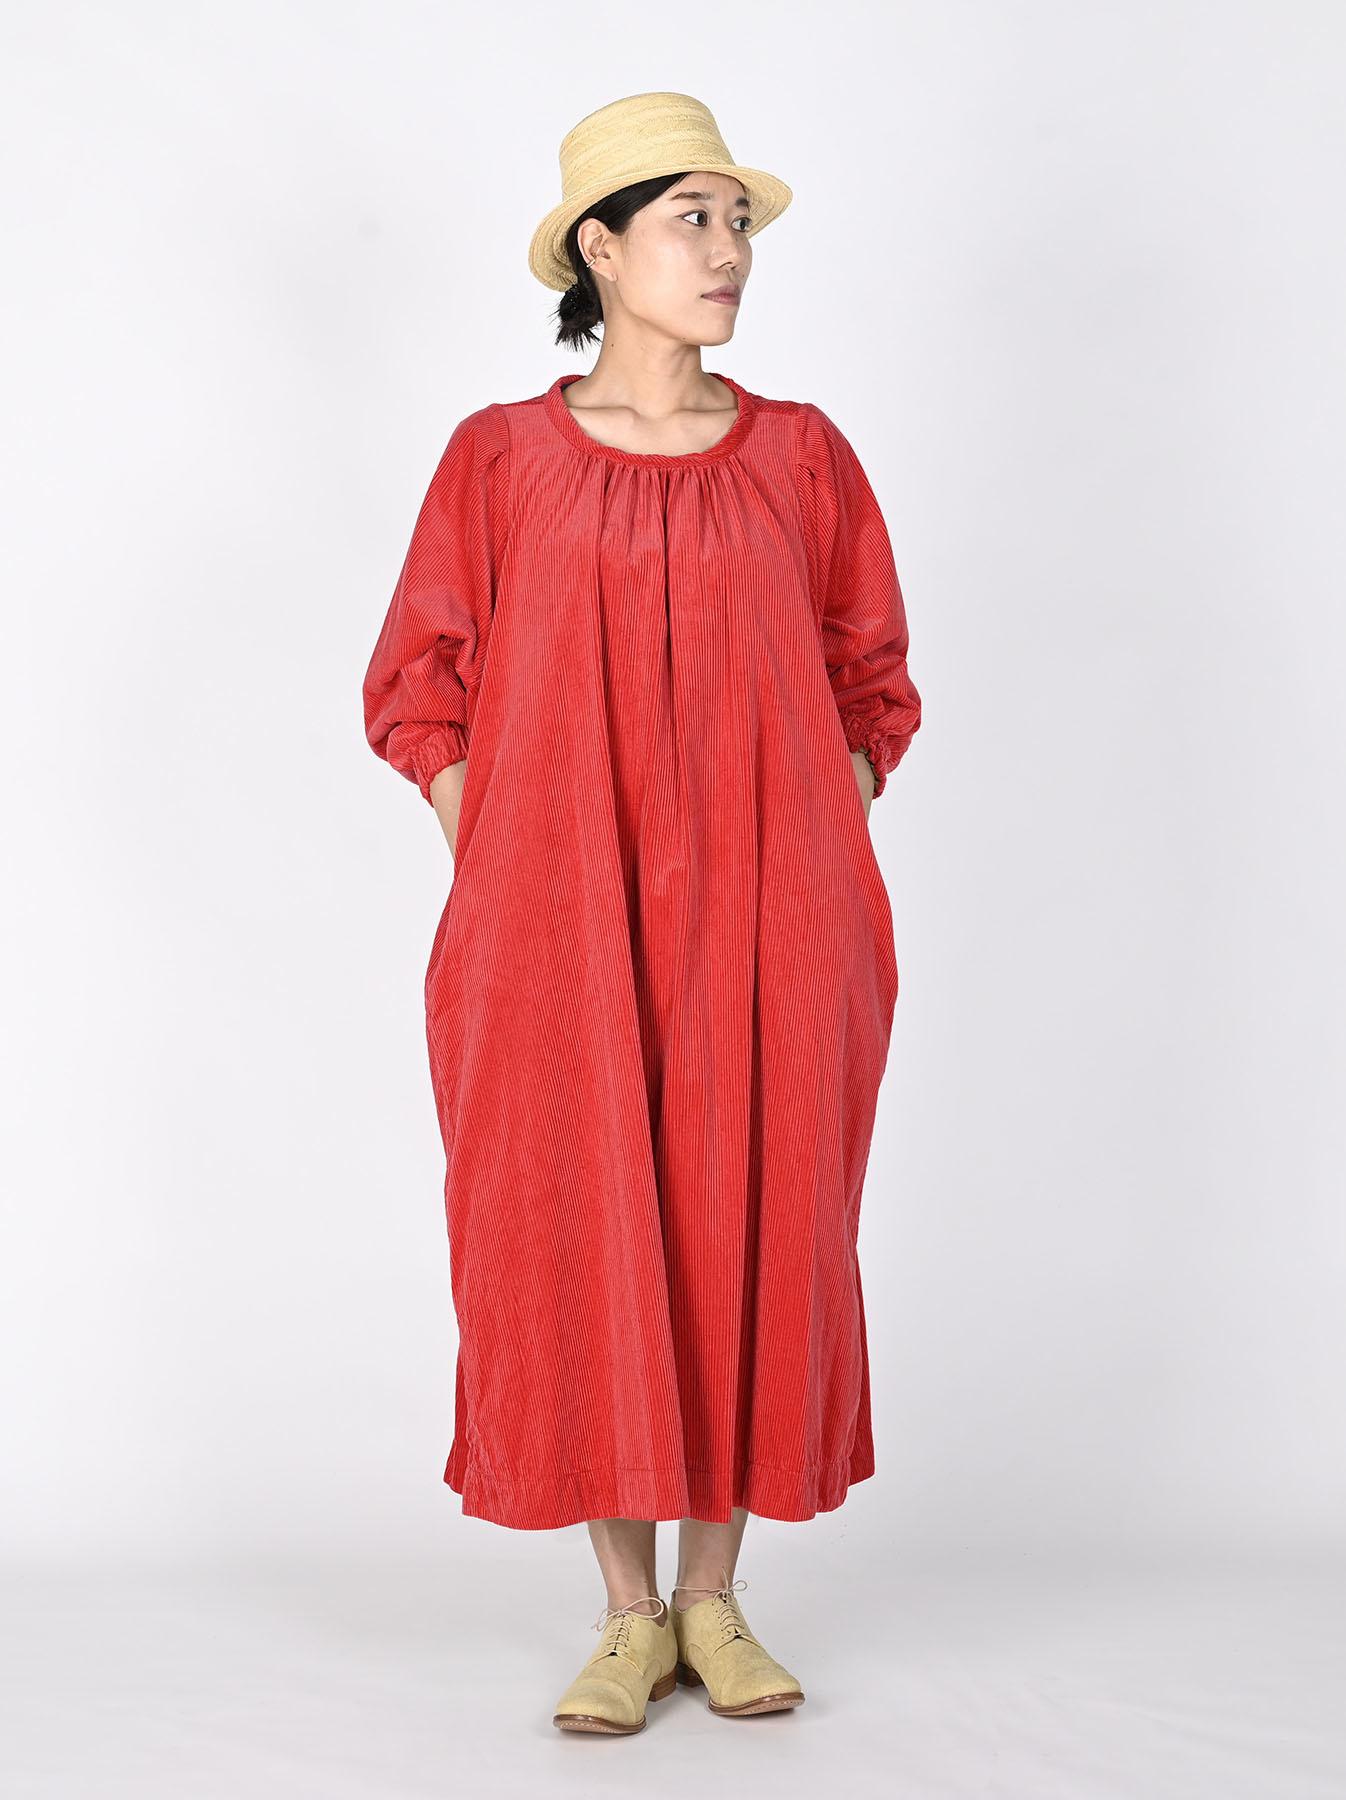 Kutekute Corduroy Gathered Dress-4